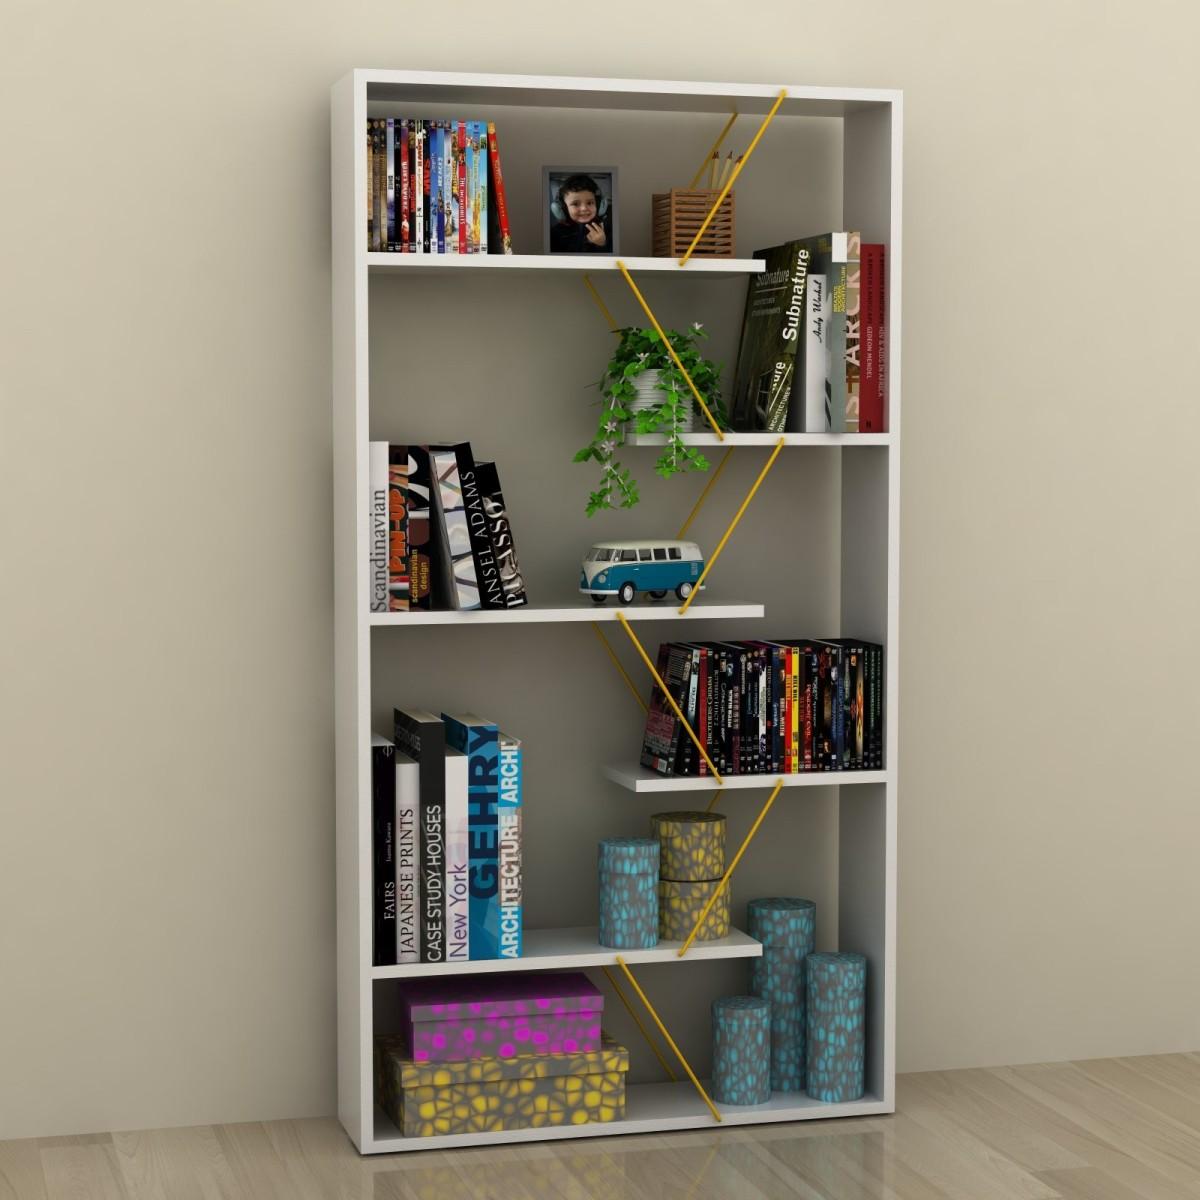 Libreria divisoria autoportante in legno e metallo wilmark - Libreria divisoria con porta ...